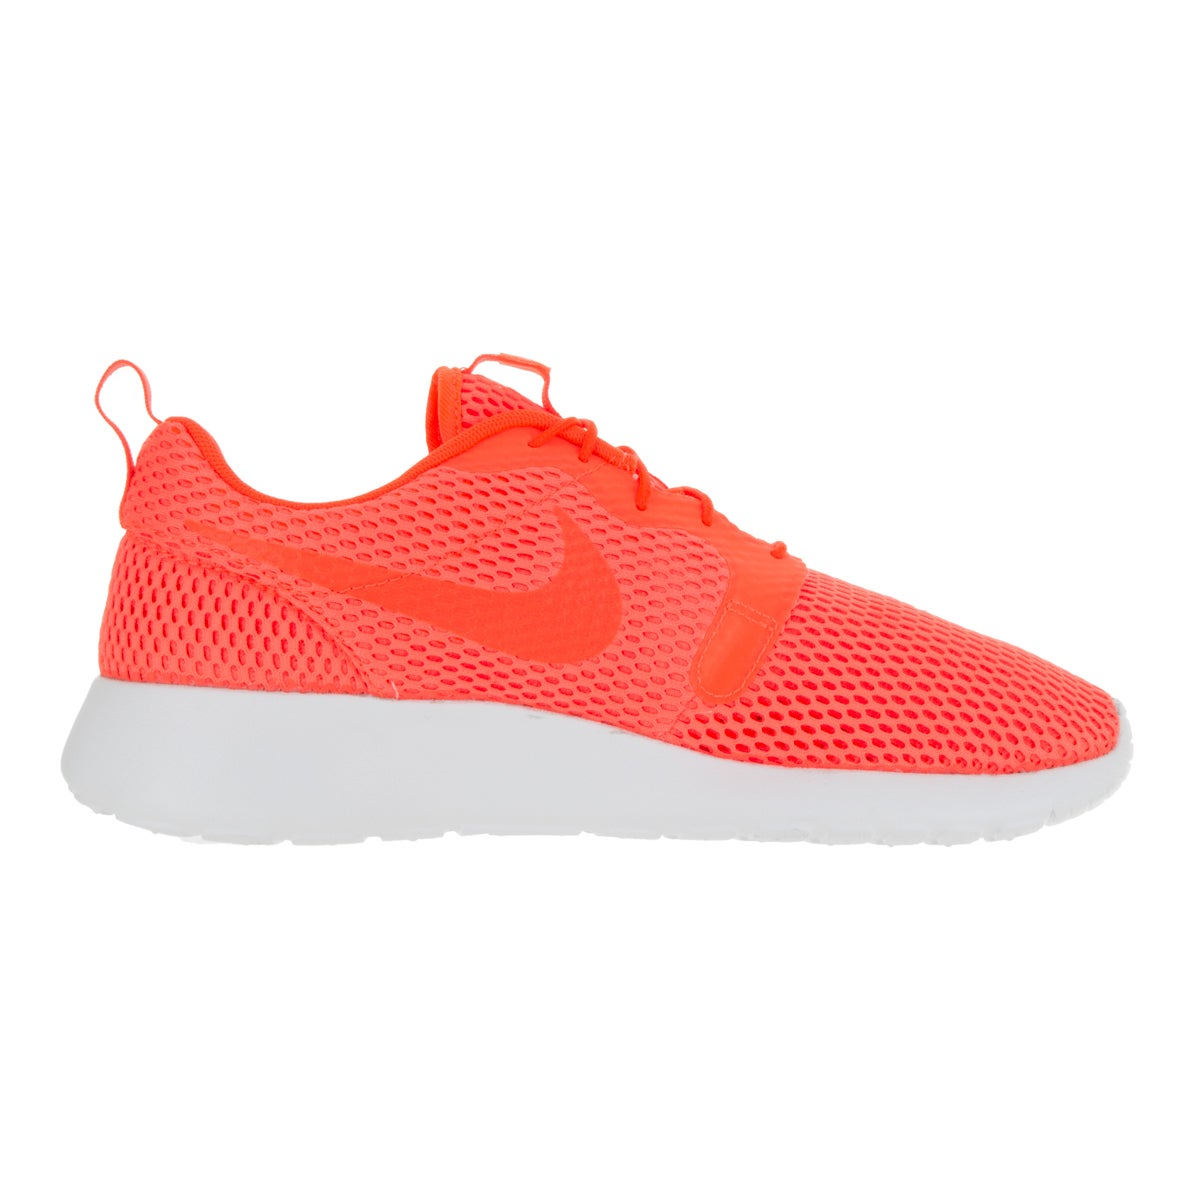 a4cbf7e32e85 Nike Men s Roshe One Hyp Br Total Crimson Ttl Crmsn White Running Shoe -  Free Shipping Today - Overstock - 20091254